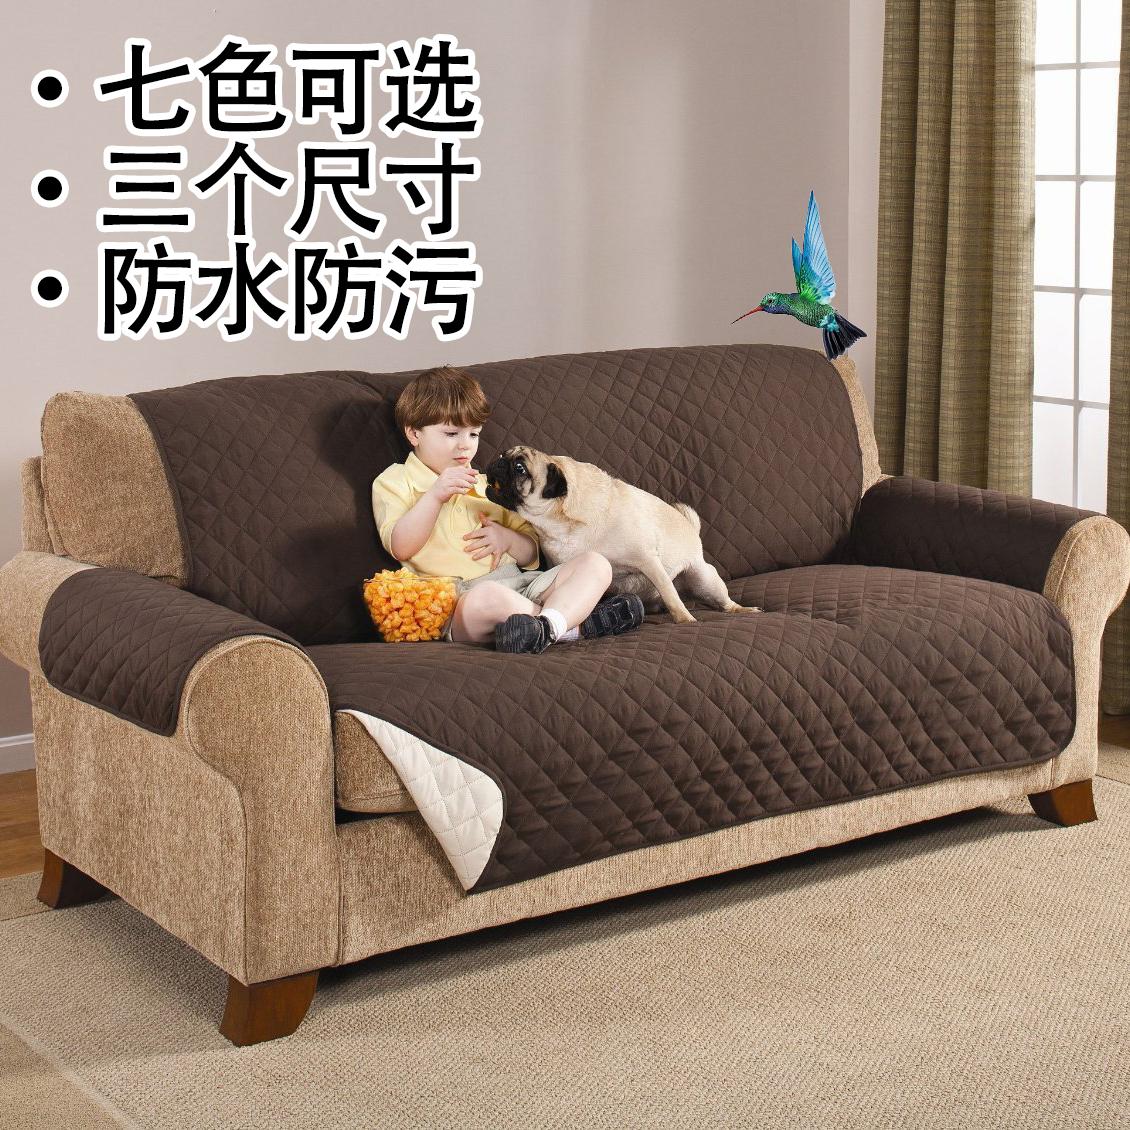 沙发垫护垫